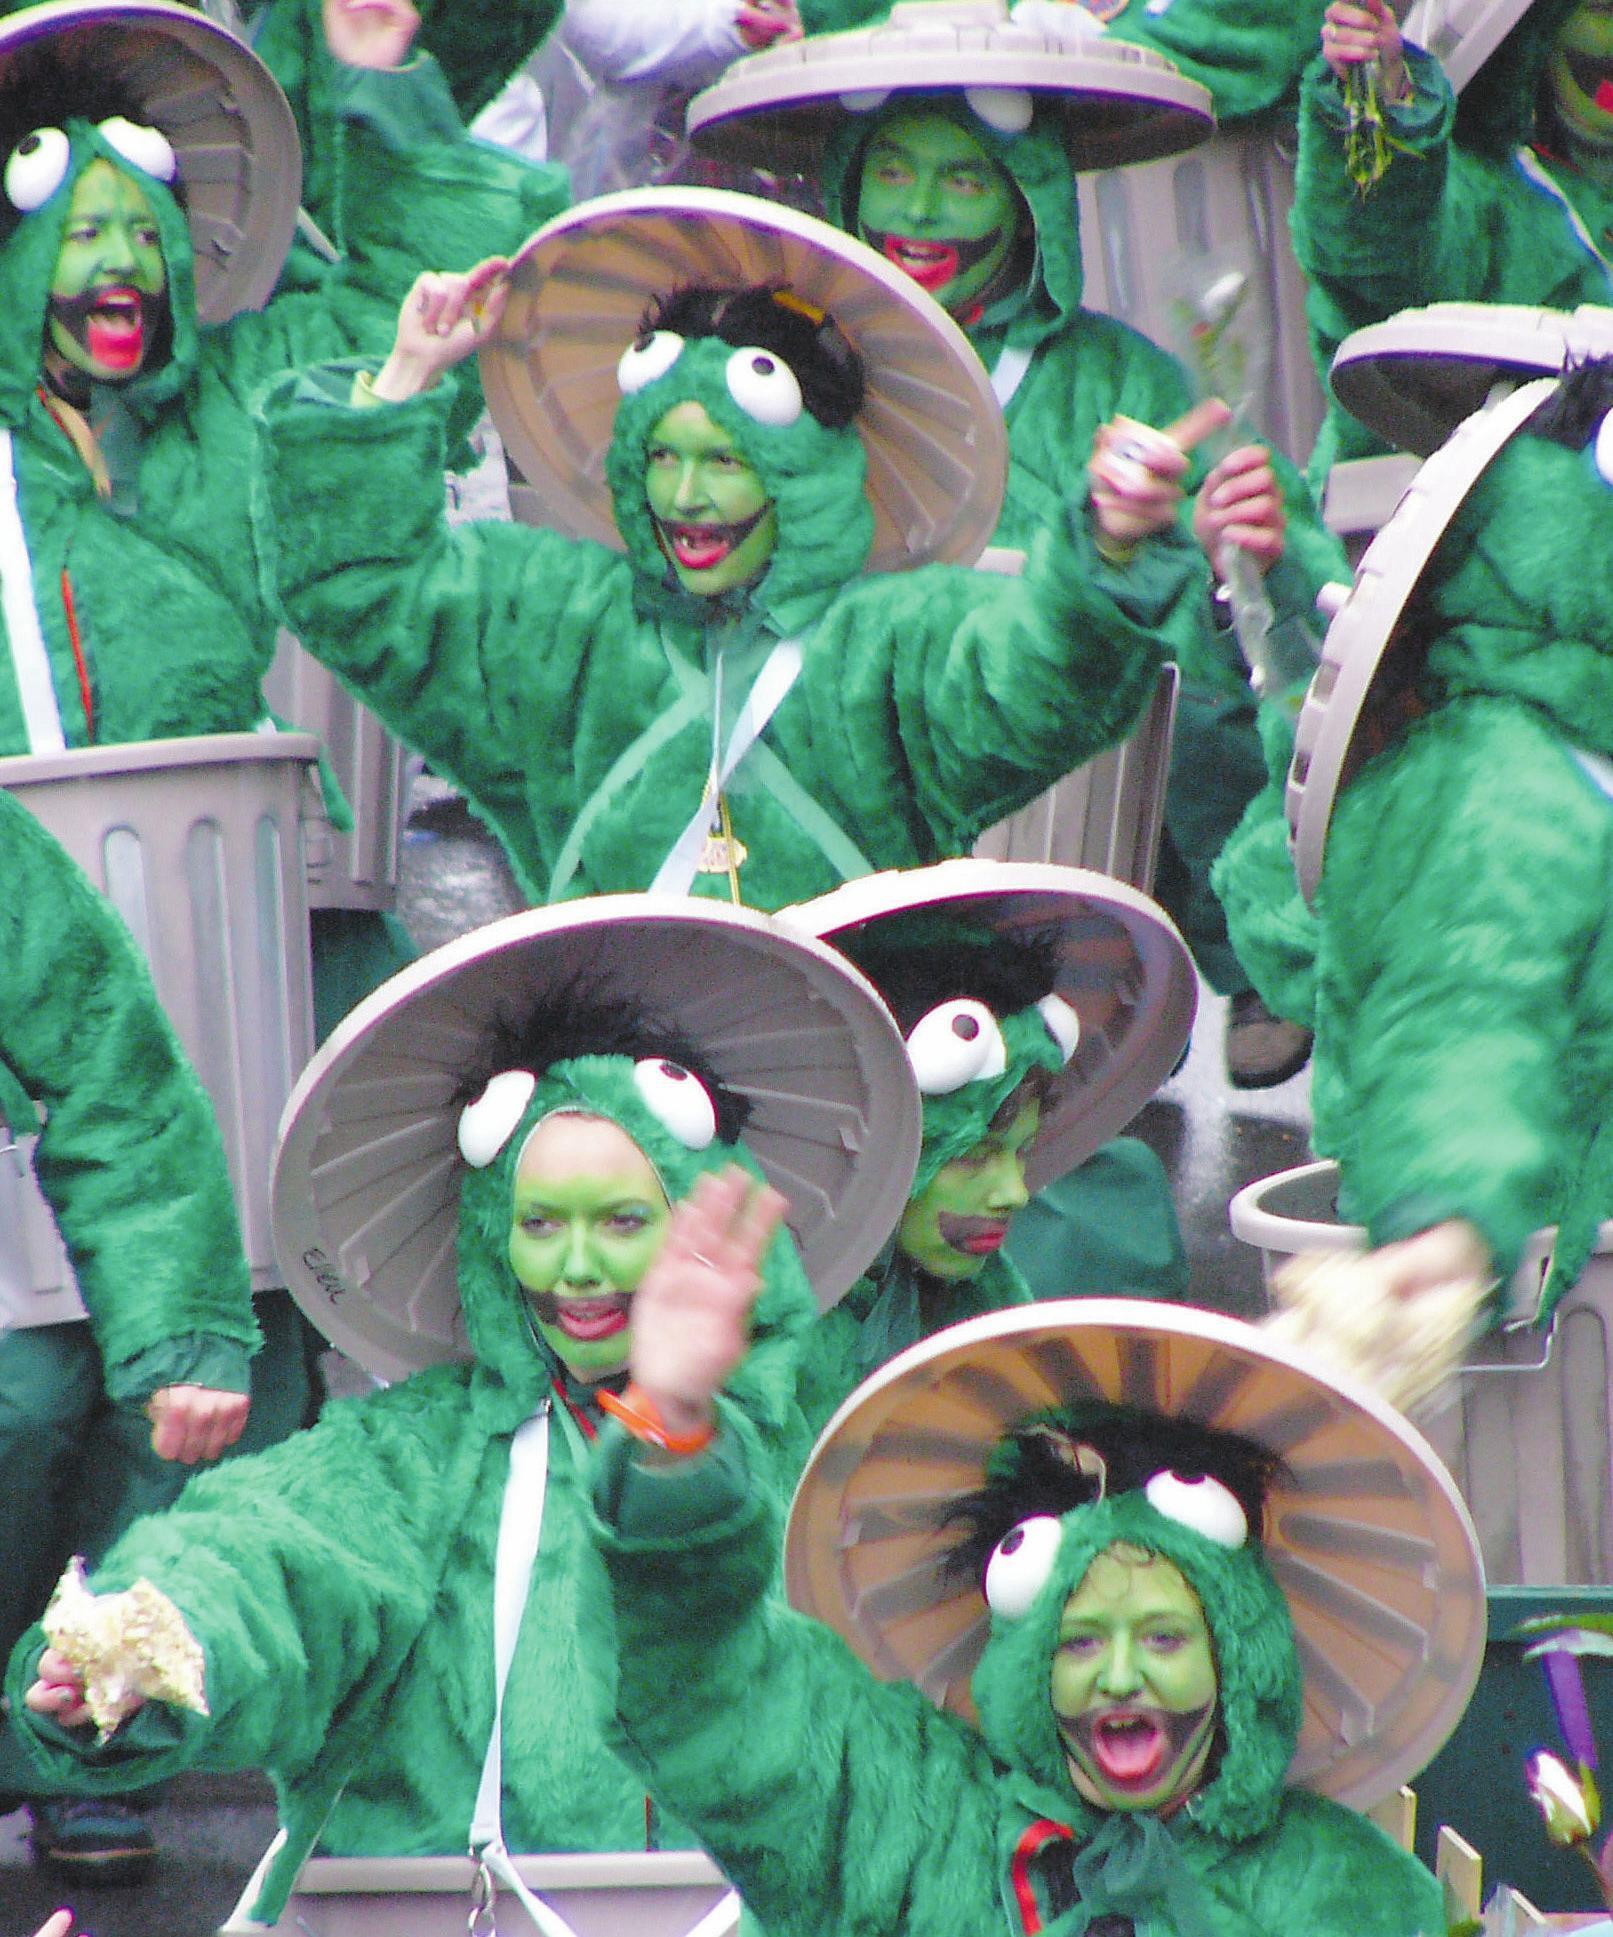 Liebe Wolbeckerinnen und Wolbecker, liebe Freundinnen und Freunde des Wolbecker Karnevals, Image 3